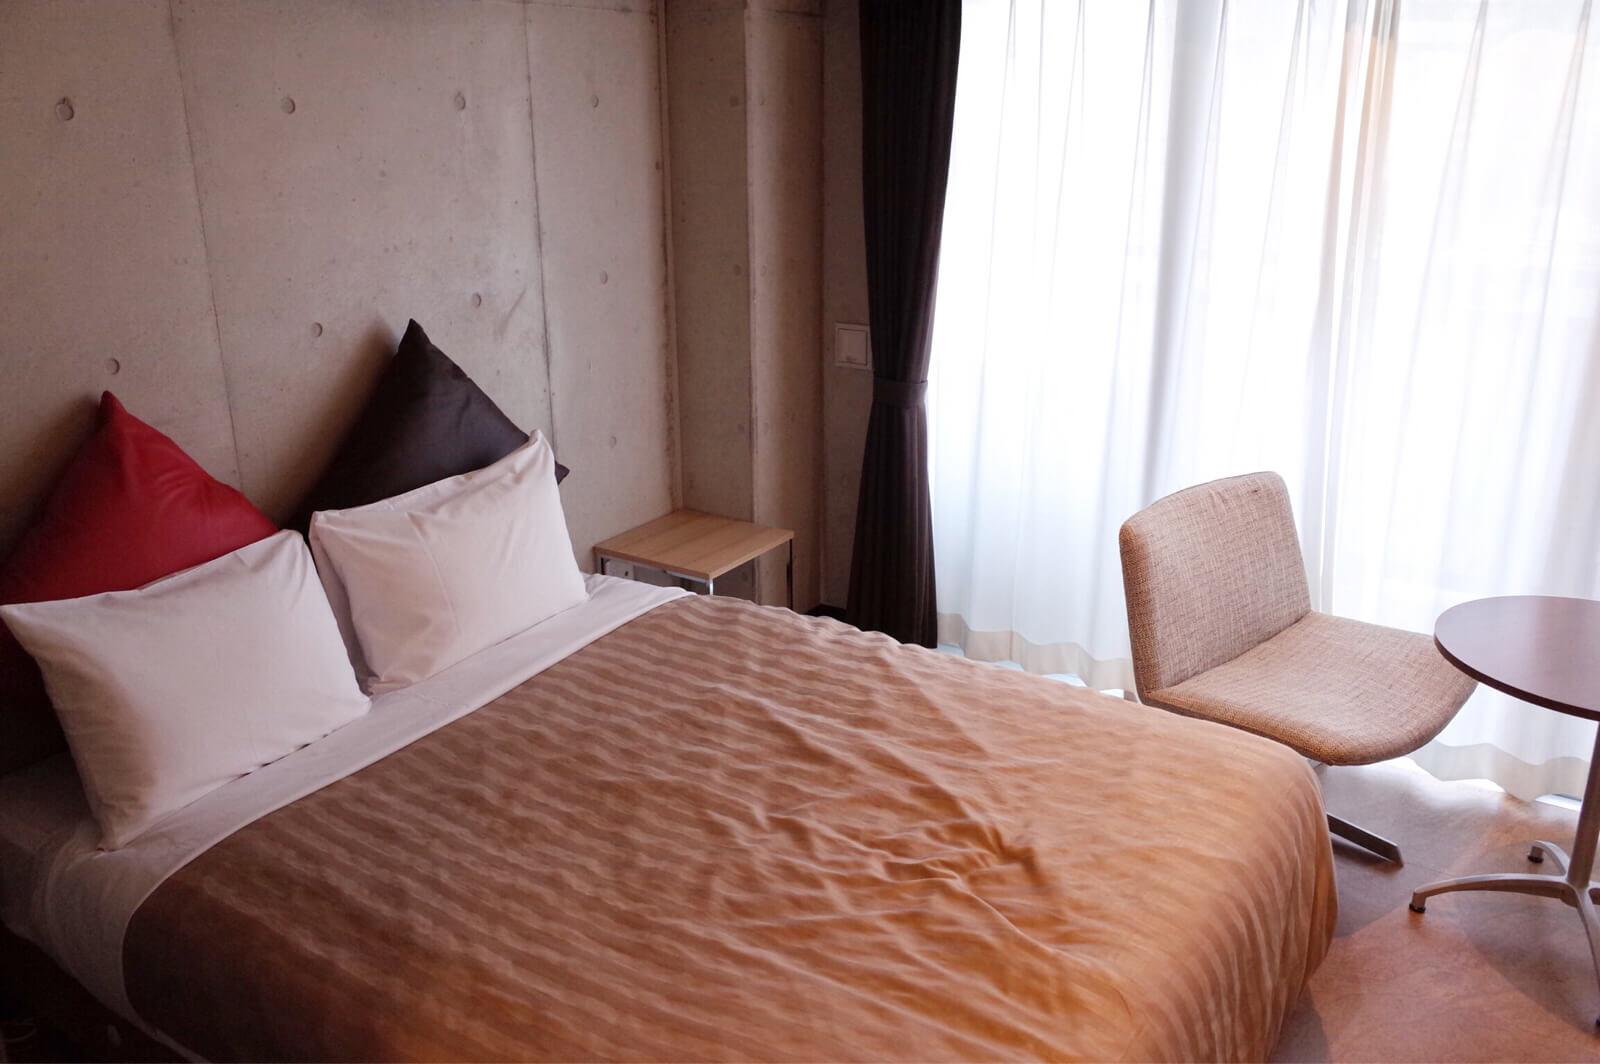 コンドミニオマキシ | カップルや長期滞在におすすめ 那覇国際通りでウィークリーにも使える激安ホテル